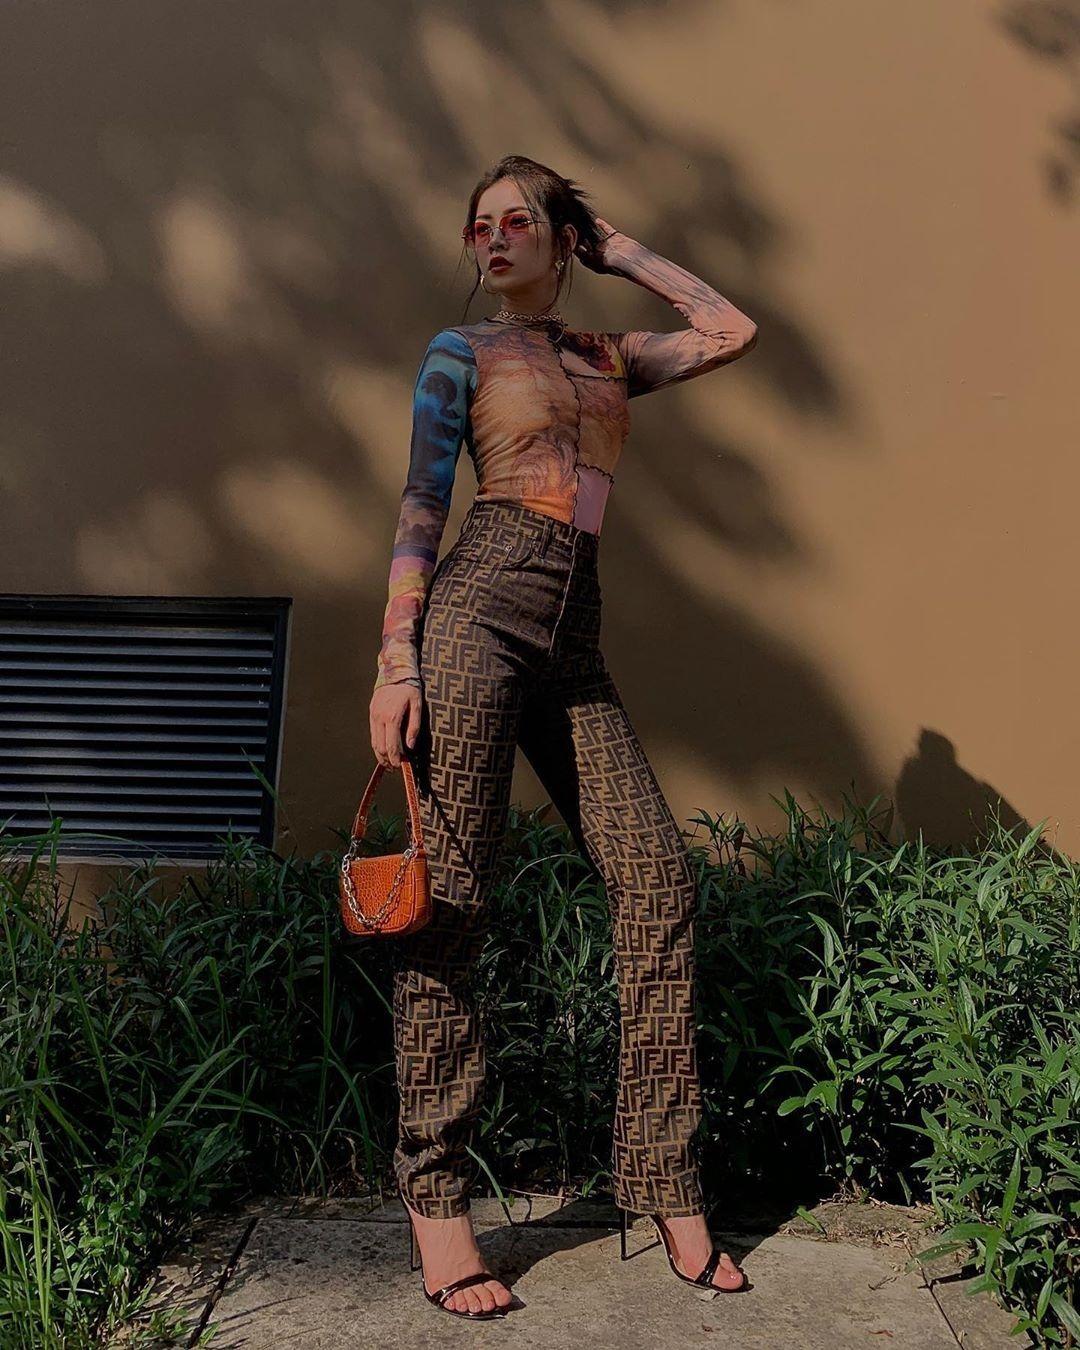 Set đồ của Chi Pu mang đậm cảm hứng năm 90 với áo tay dài bó sát đi kèm quần ống loe của Fendi. Nữ ca sĩ cũng rất tinh tế khi chọn phụ kiện retro để mix-match.